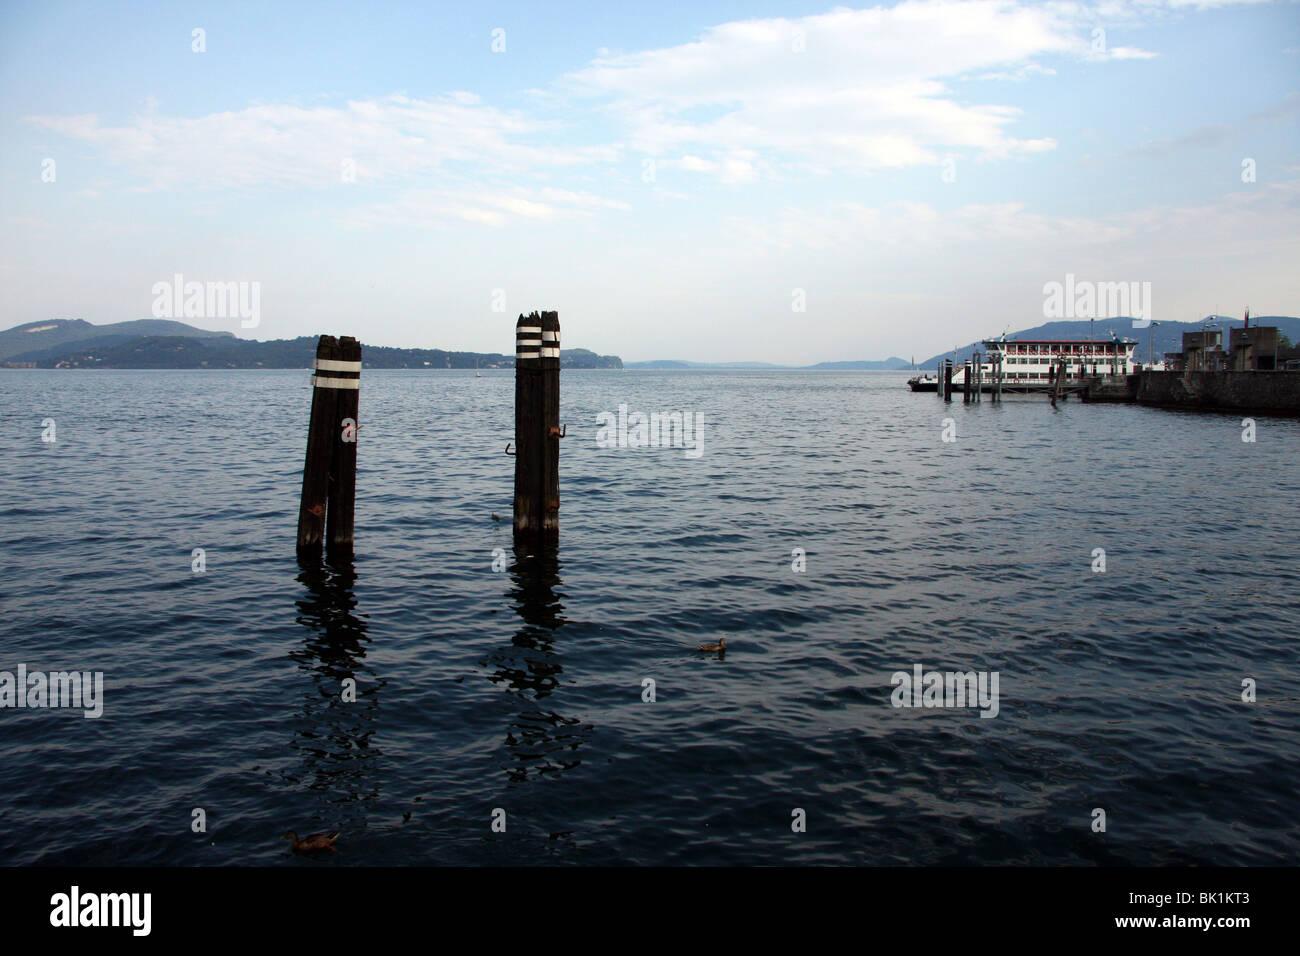 Italy, Lake Maggiore, - Stock Image